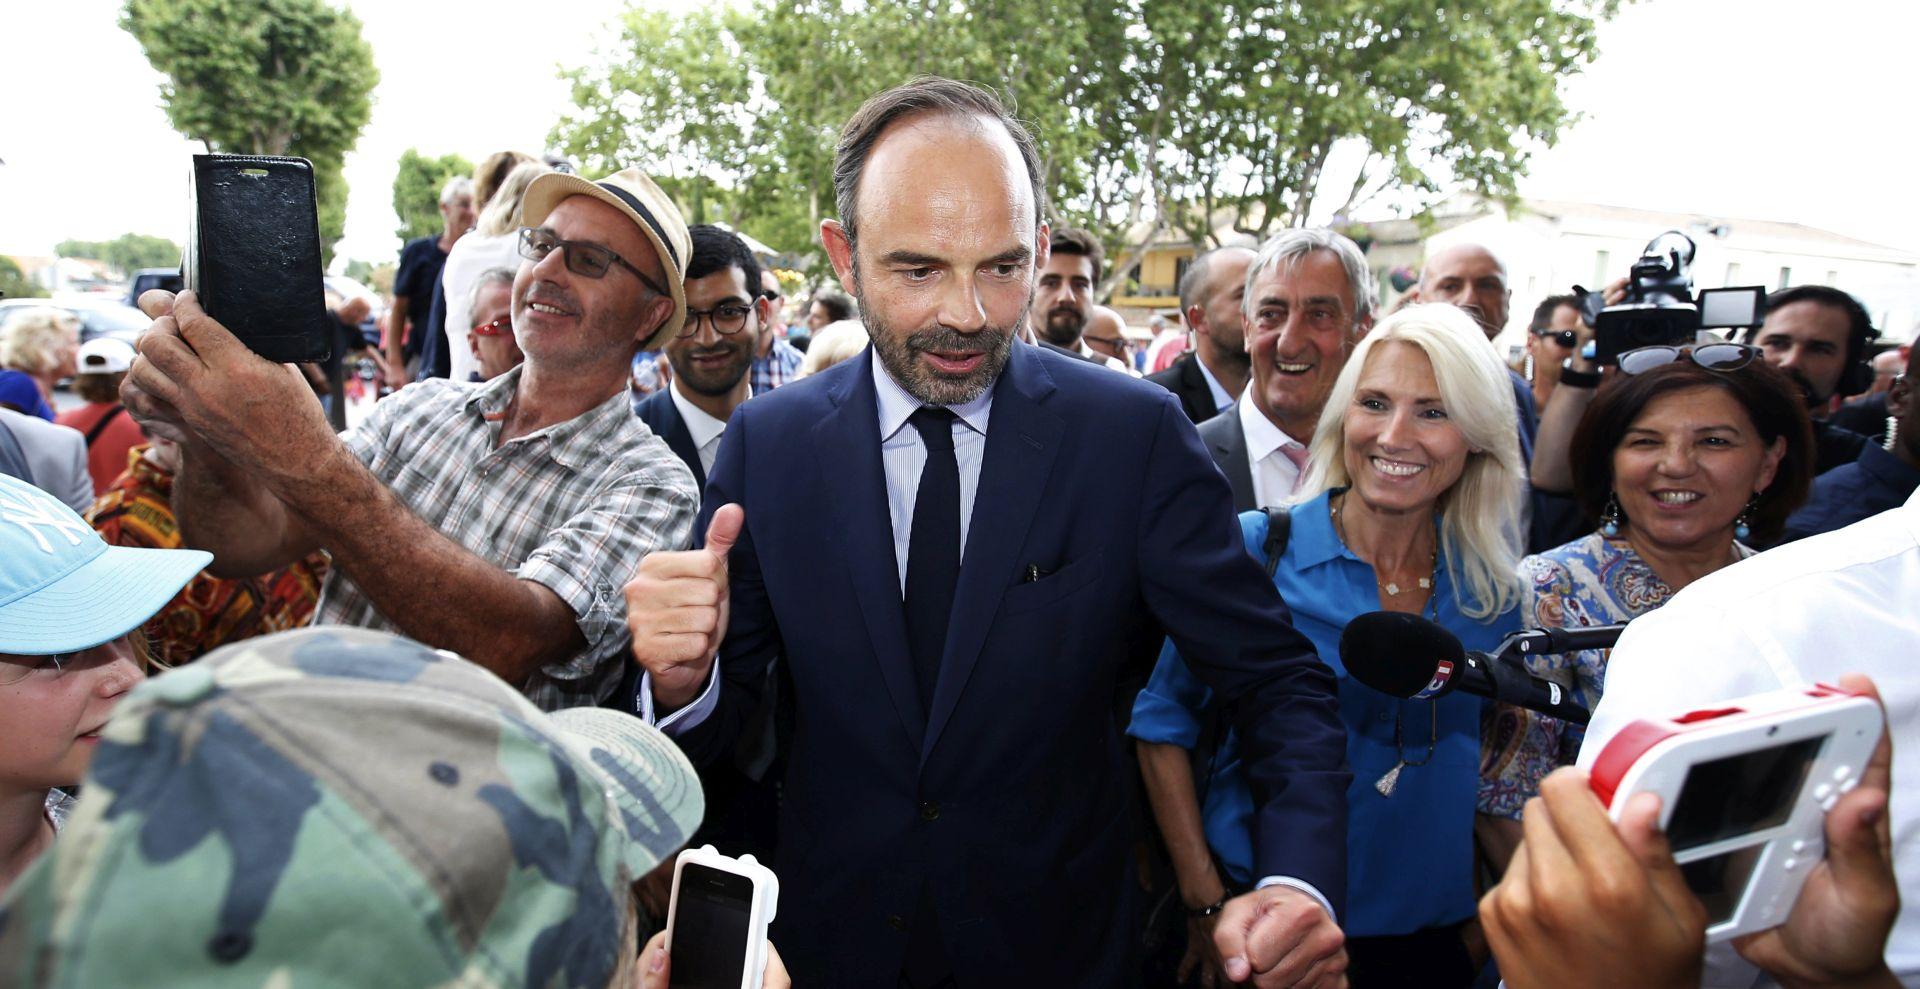 FRANCUSKI PREMIJER 'Glasači su nam dali jasnu većinu'